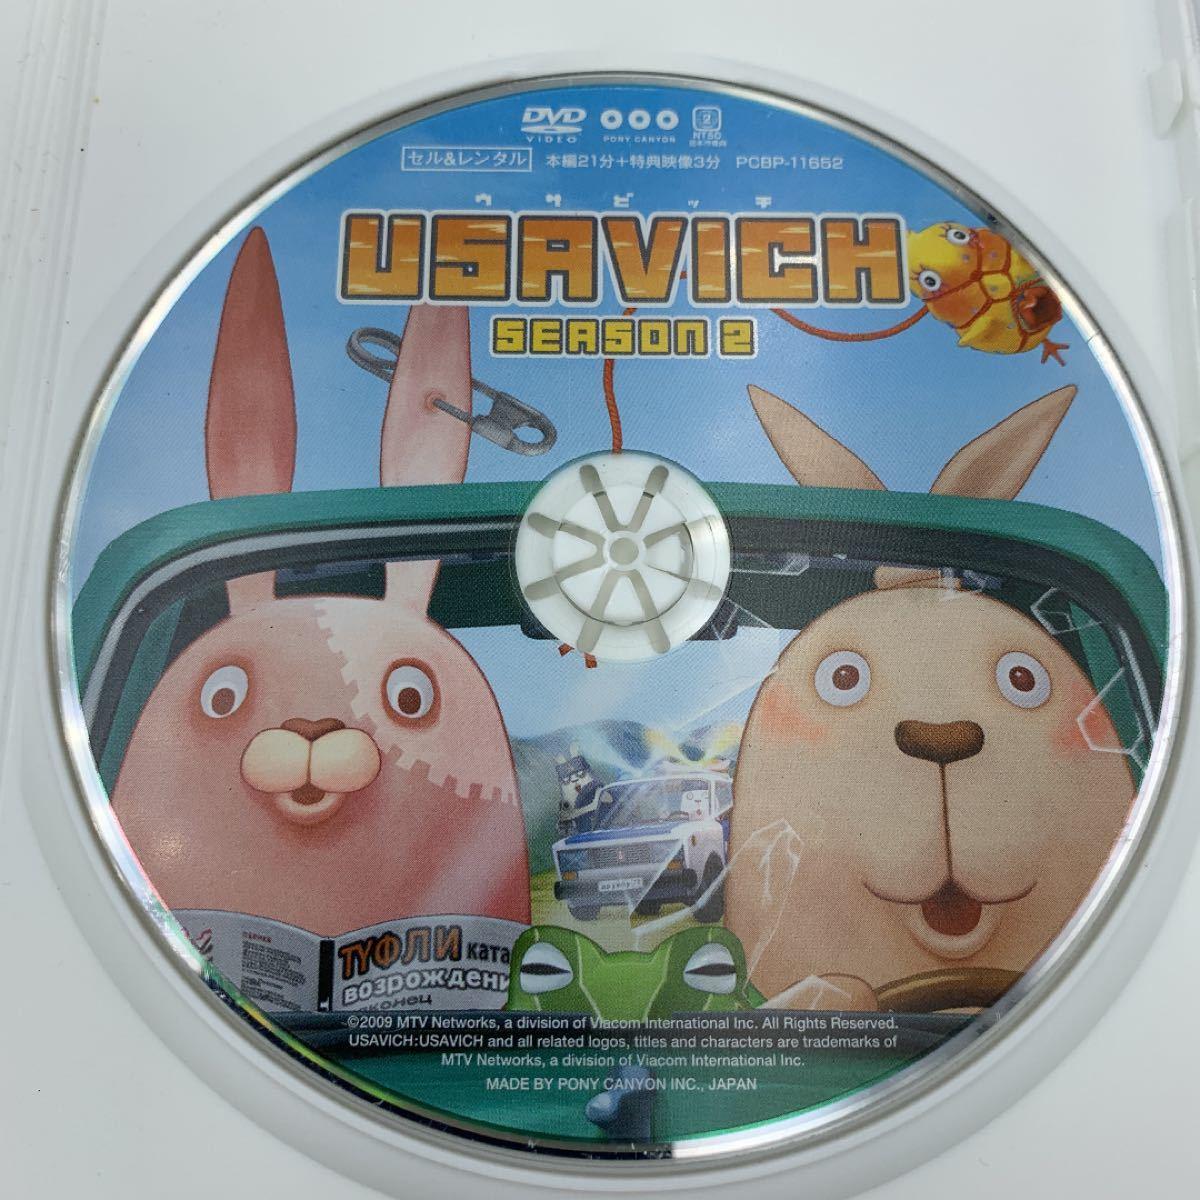 ウサビッチ シーズン 2 中古 DVD